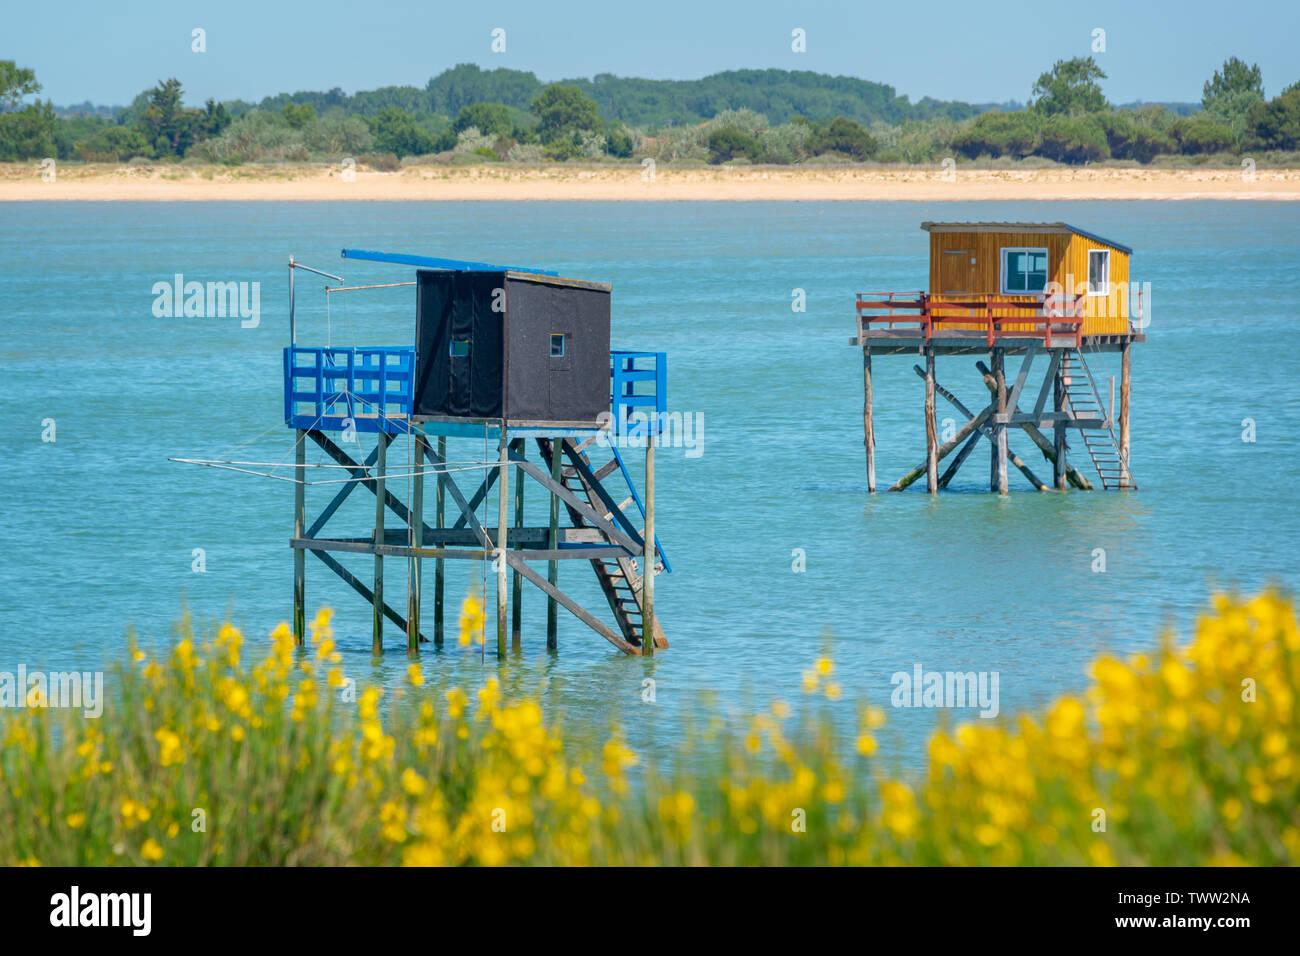 Típicas y coloridas cabañas de pesca de madera sobre pilotes en el Océano Atlántico cerca de La Rochelle, Francia Foto de stock